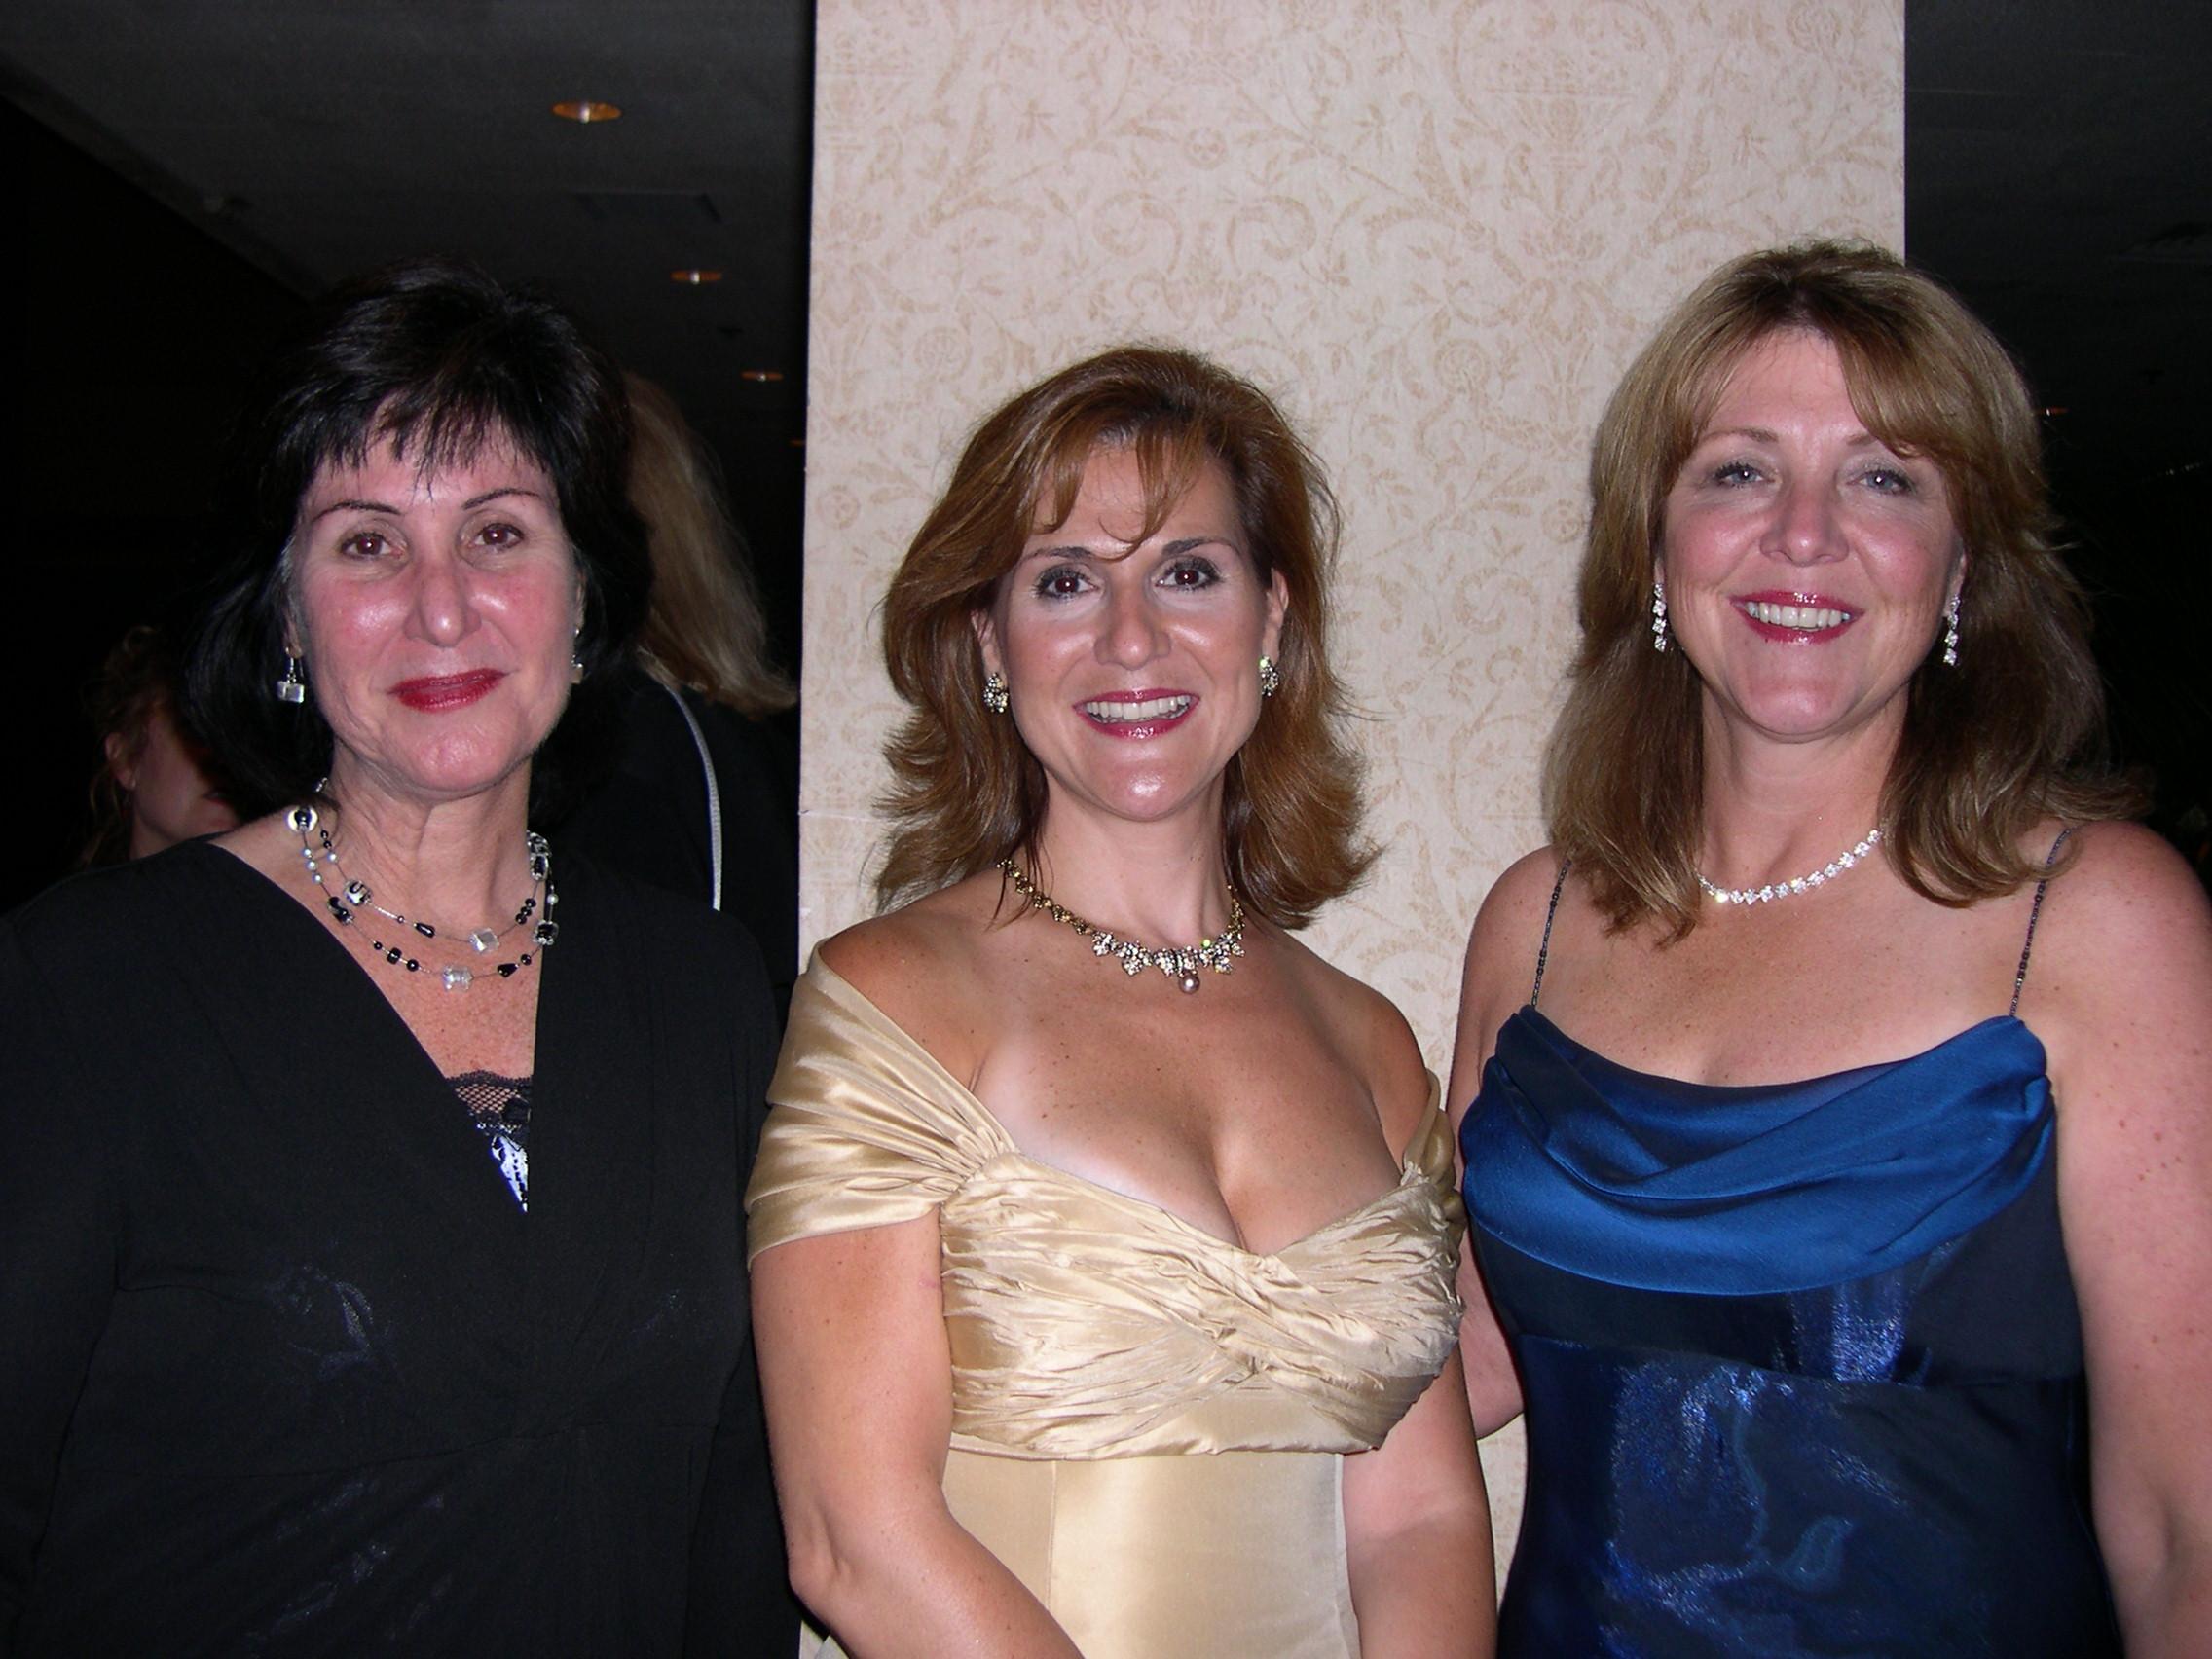 Susan Crandall, Karen White